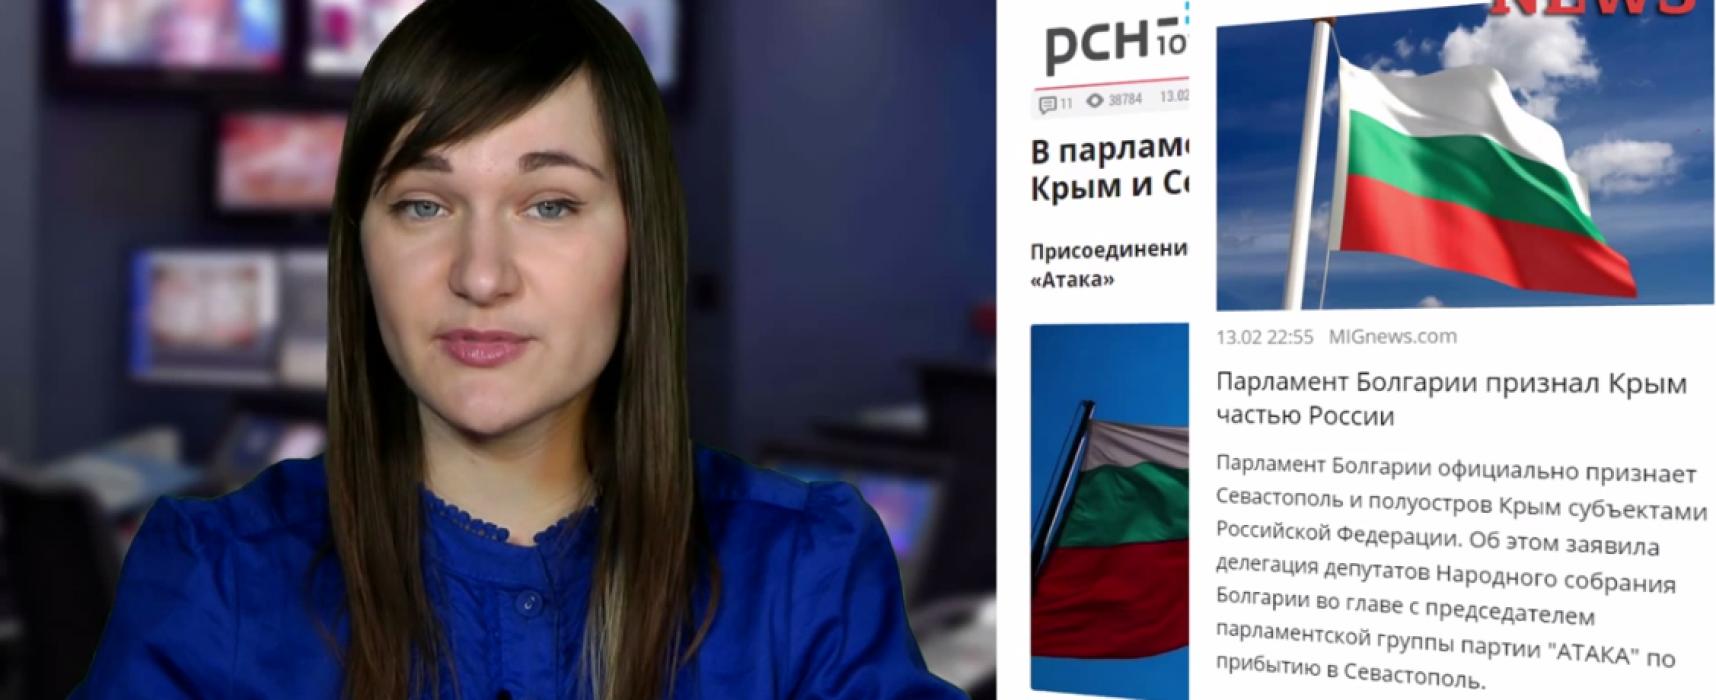 Видеодайджест StopFakeNews #48. «Коррозия Металла» в «Азове» и приватизация Украины Обамой